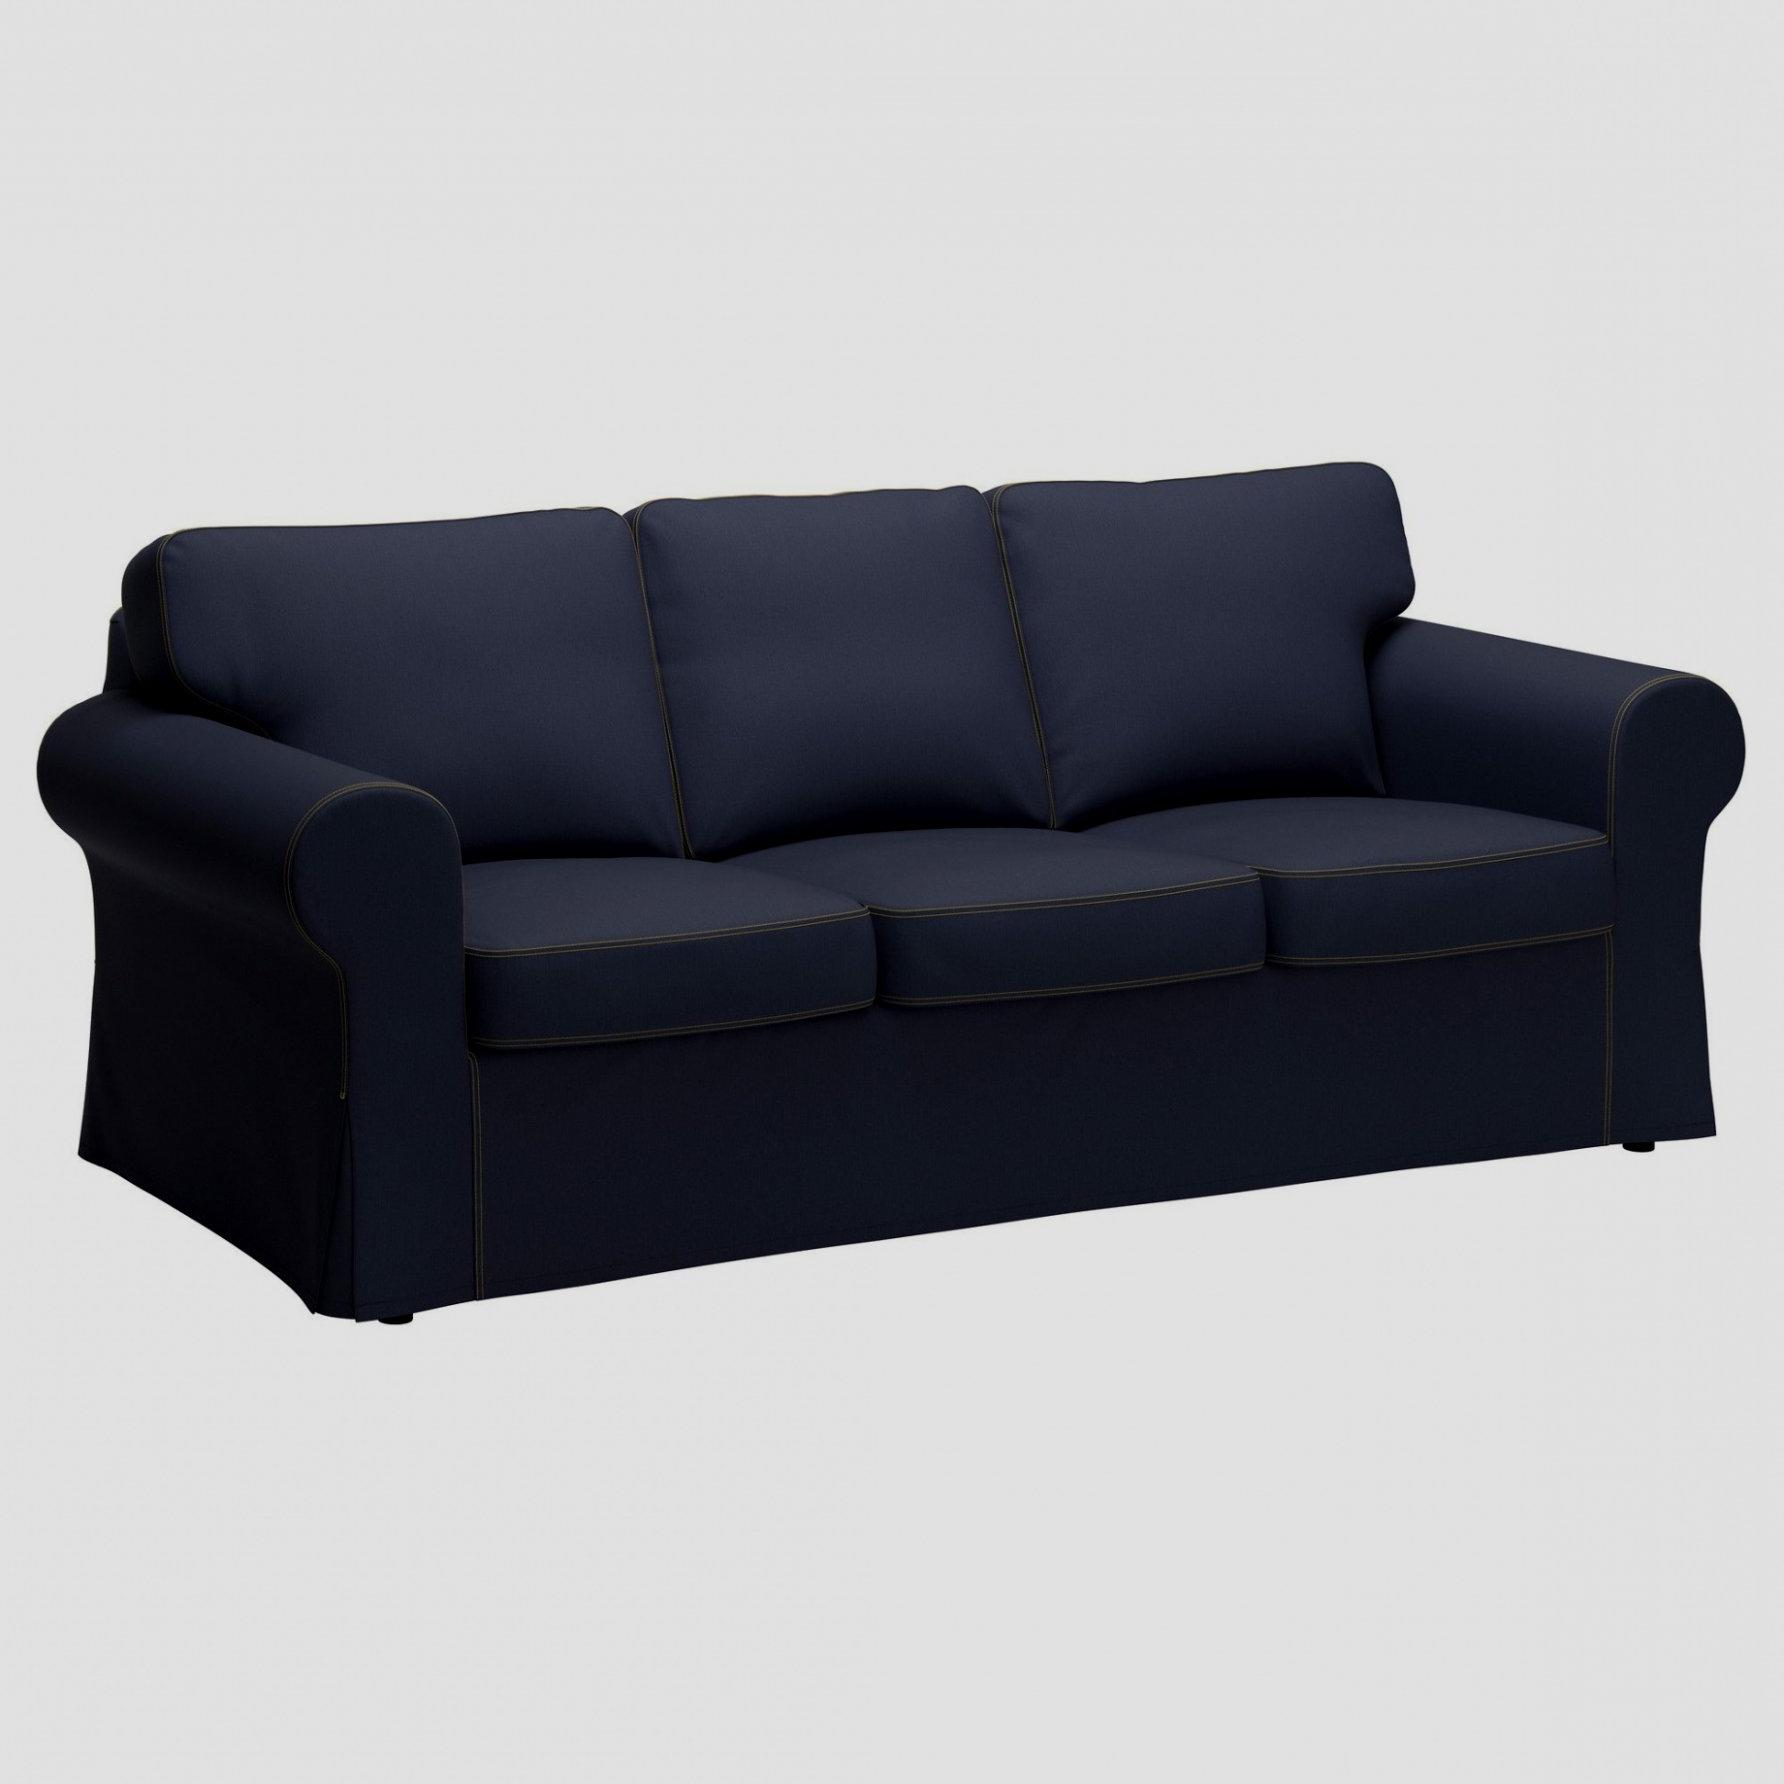 Fundas De sofas En El Corte Ingles Nkde sofas En El Corte Ingles Magnifico Fundas De sofa Fiesta De